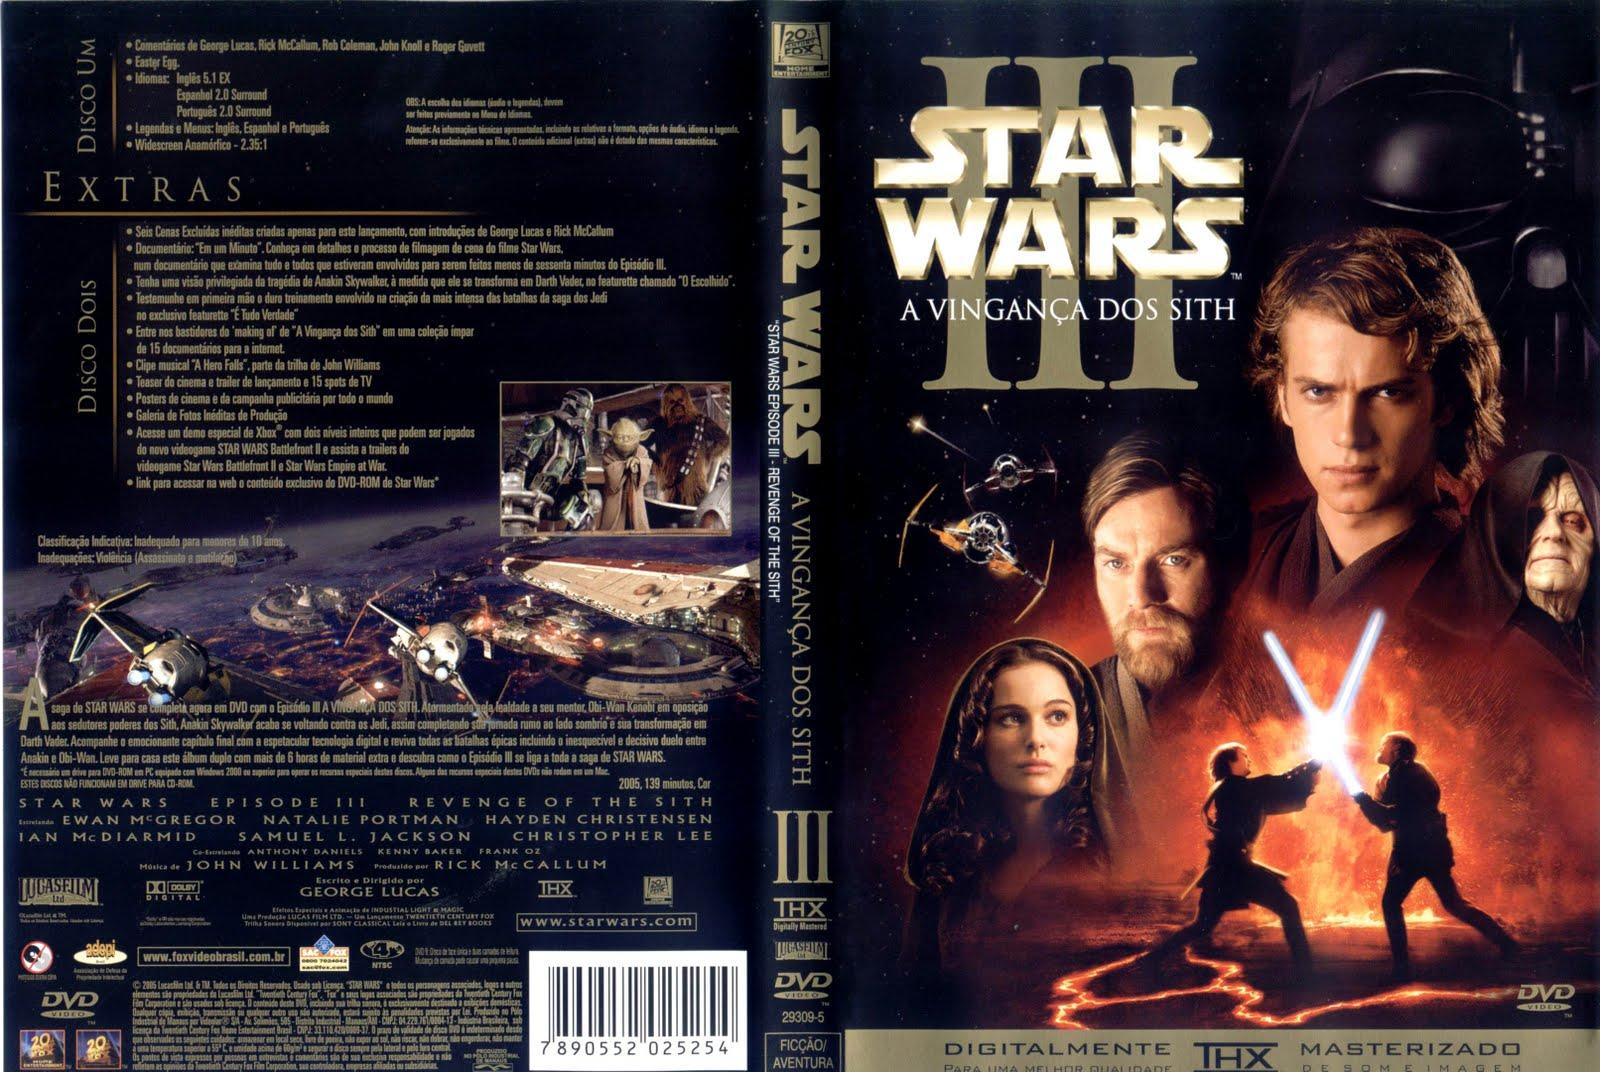 Capas DVD Star Wars A Saga Completa (Todas as capas dos filmes)